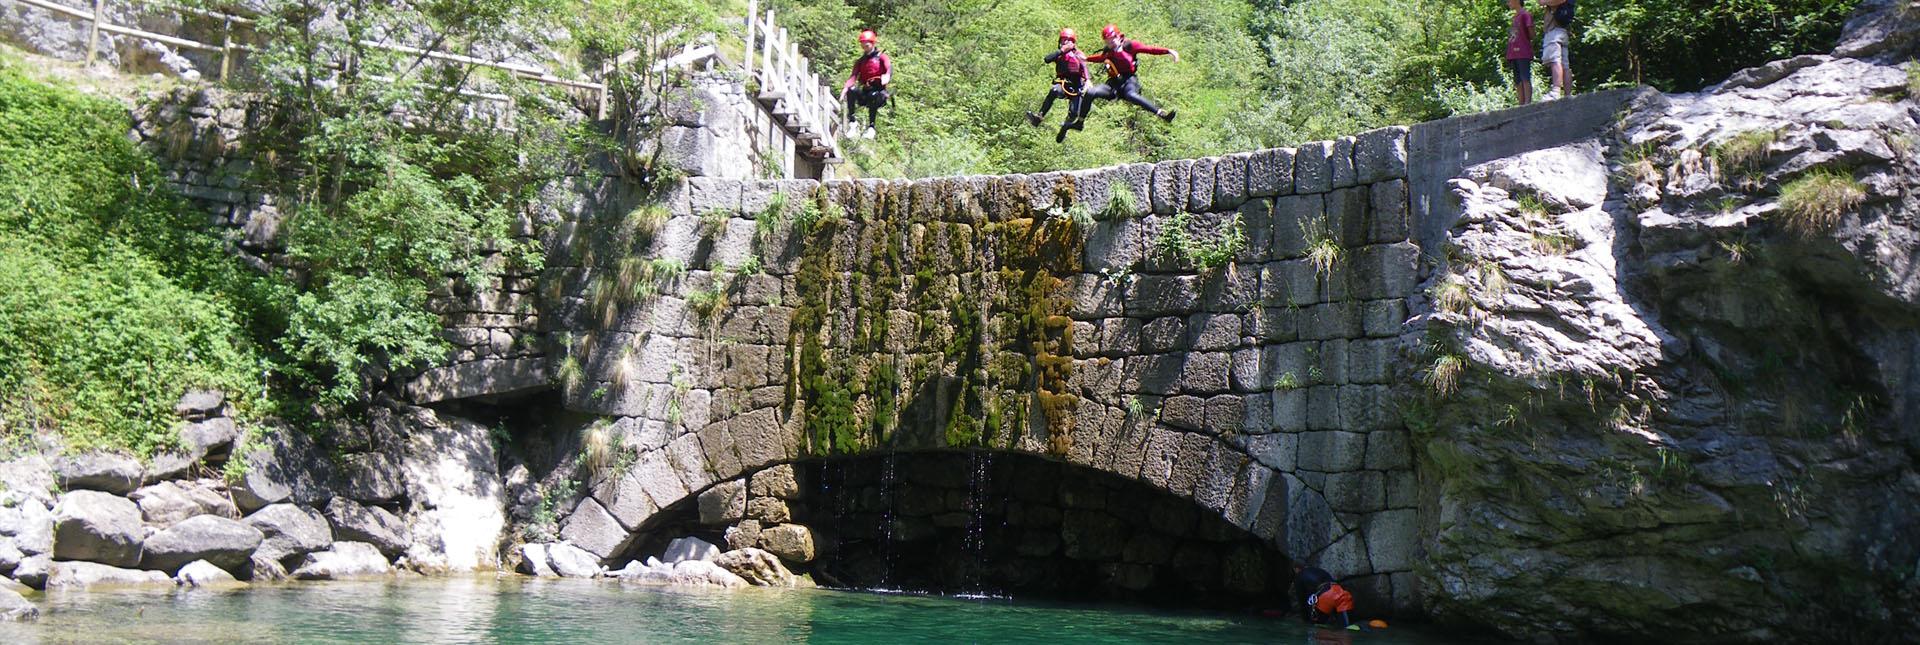 canyoning-trentino-sport-divertimento-dolomiti-lago-di-ledro-lago-di-garda-5